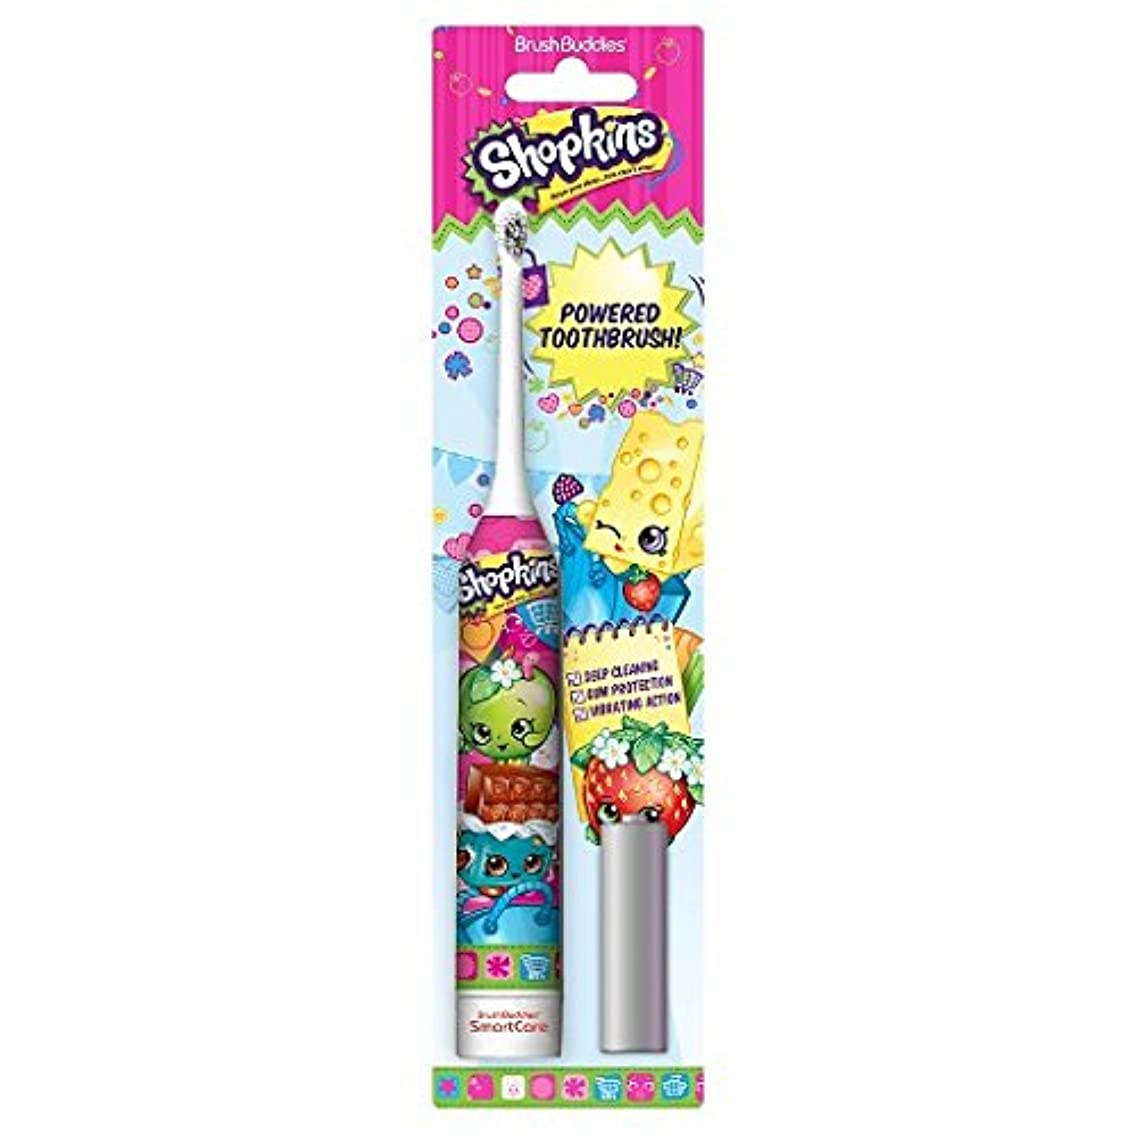 ペデスタル密輸前Brush Buddies Shopkins Sonic Powered Toothbrush ソニックパワード電動歯ブラシ [並行輸入品]